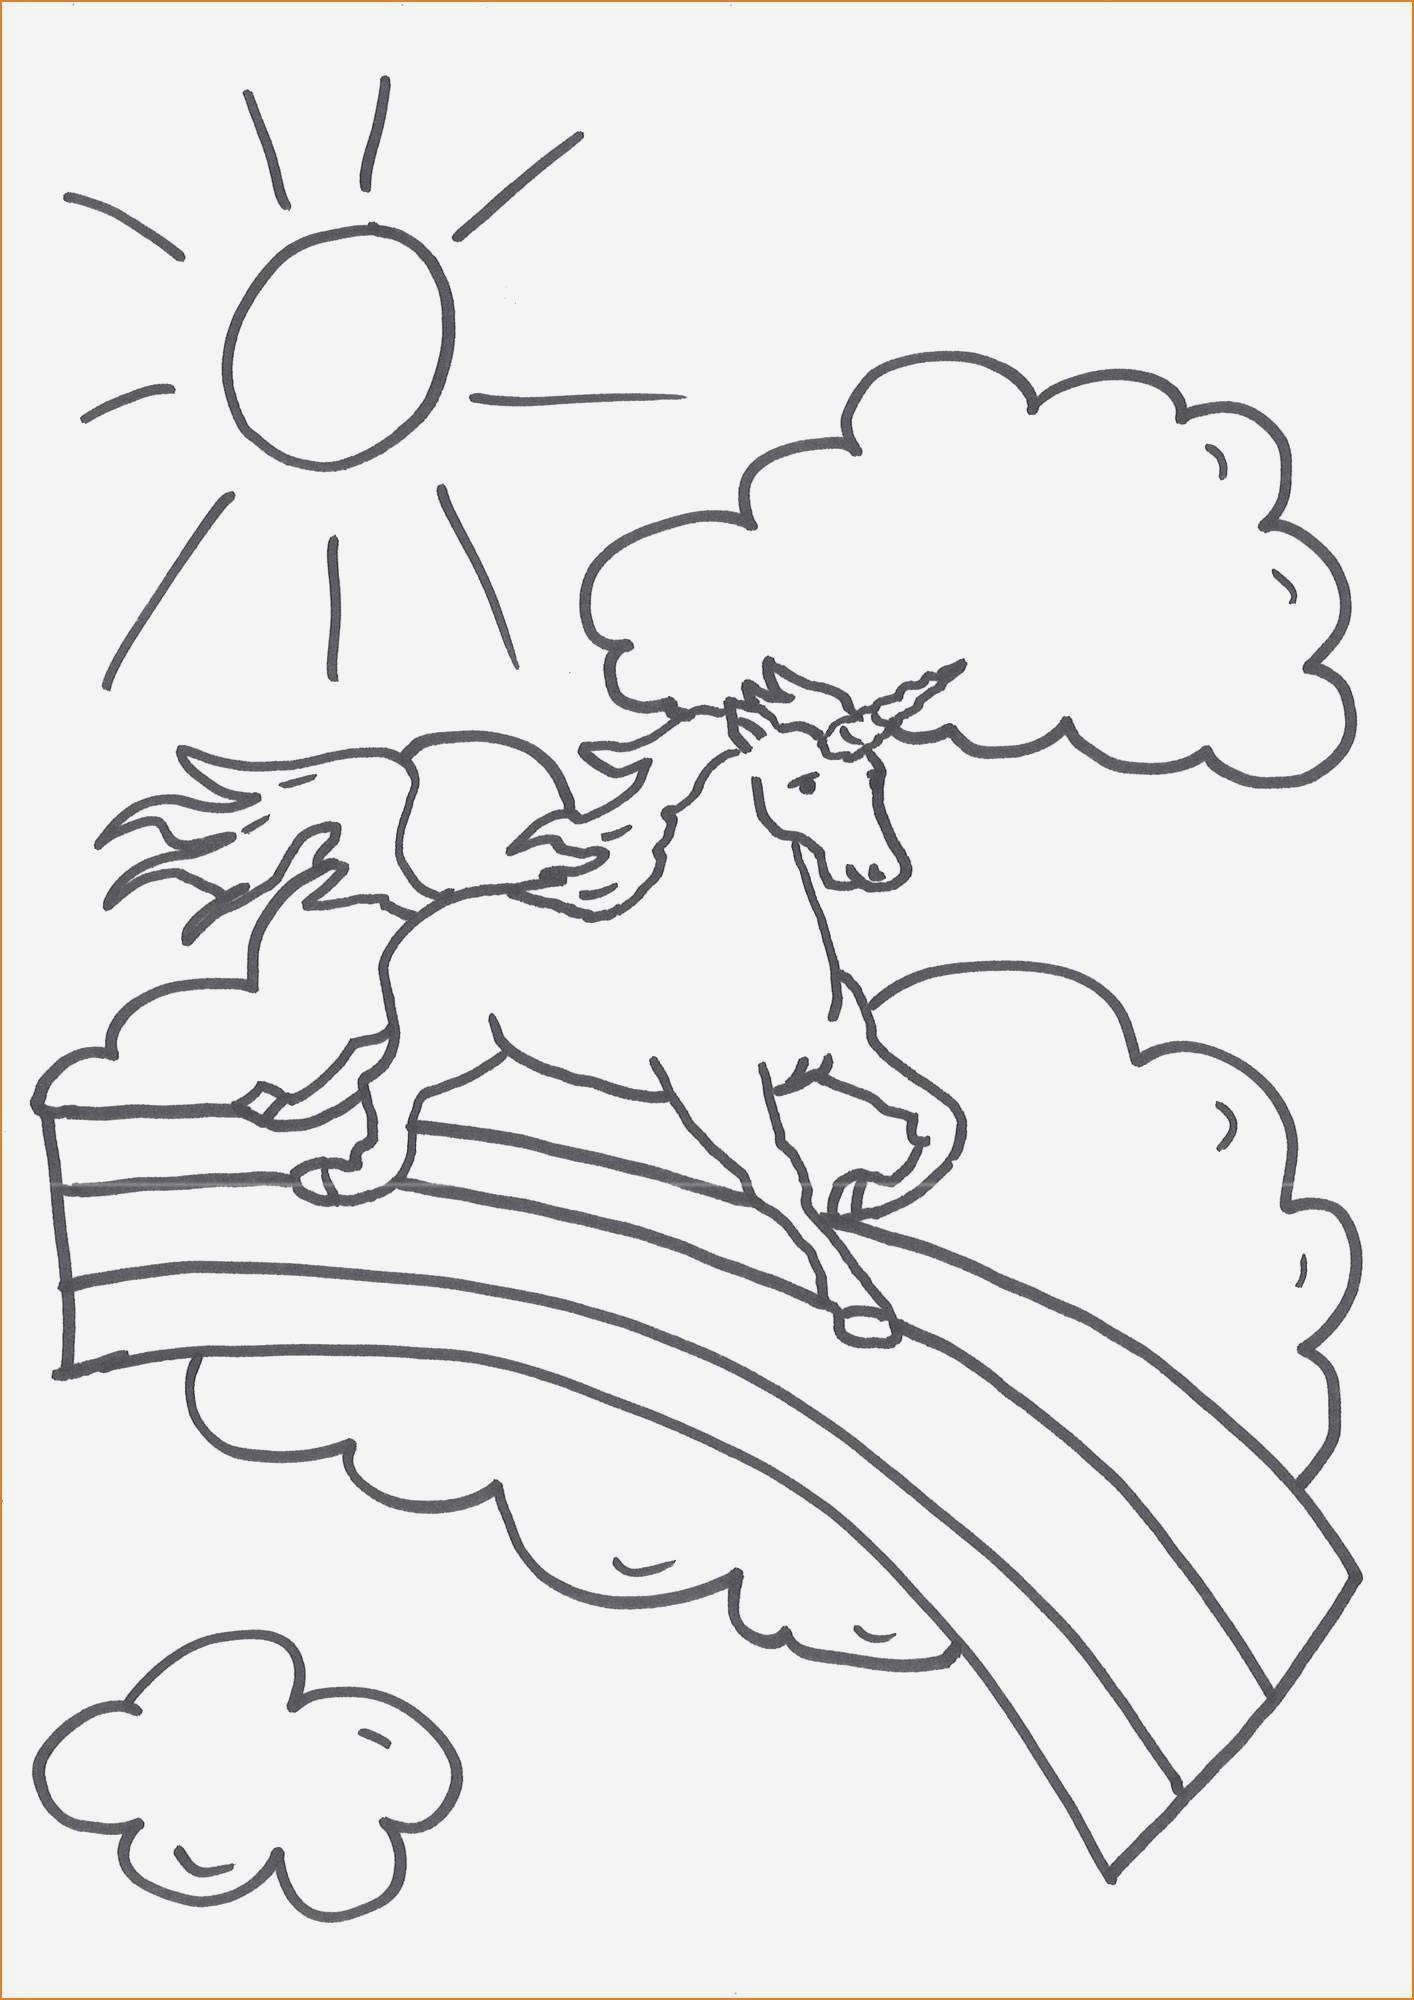 Arche Noah Regenbogen Ausmalbild Frisch De Part 71 Galerie